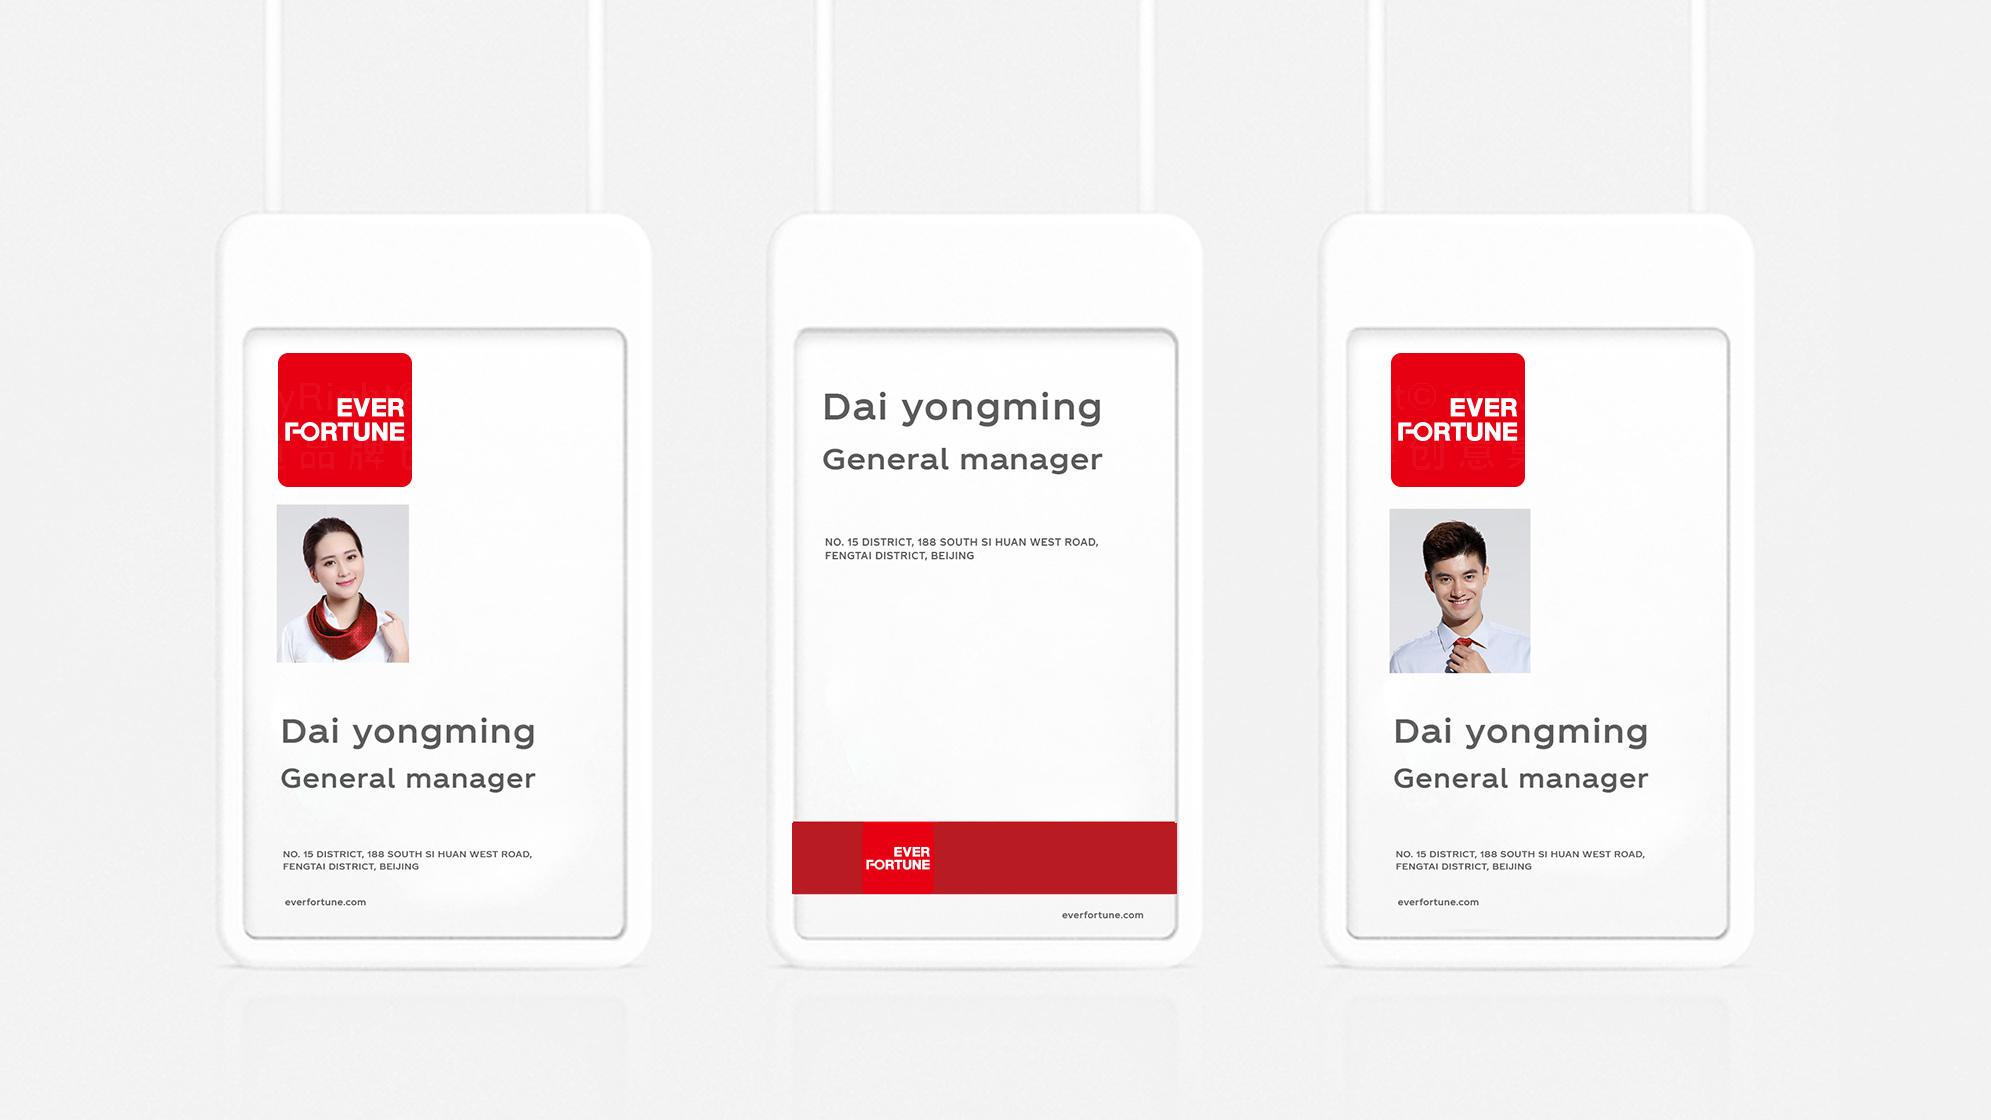 品牌设计中国同祥金融集团有限公司标志设计应用